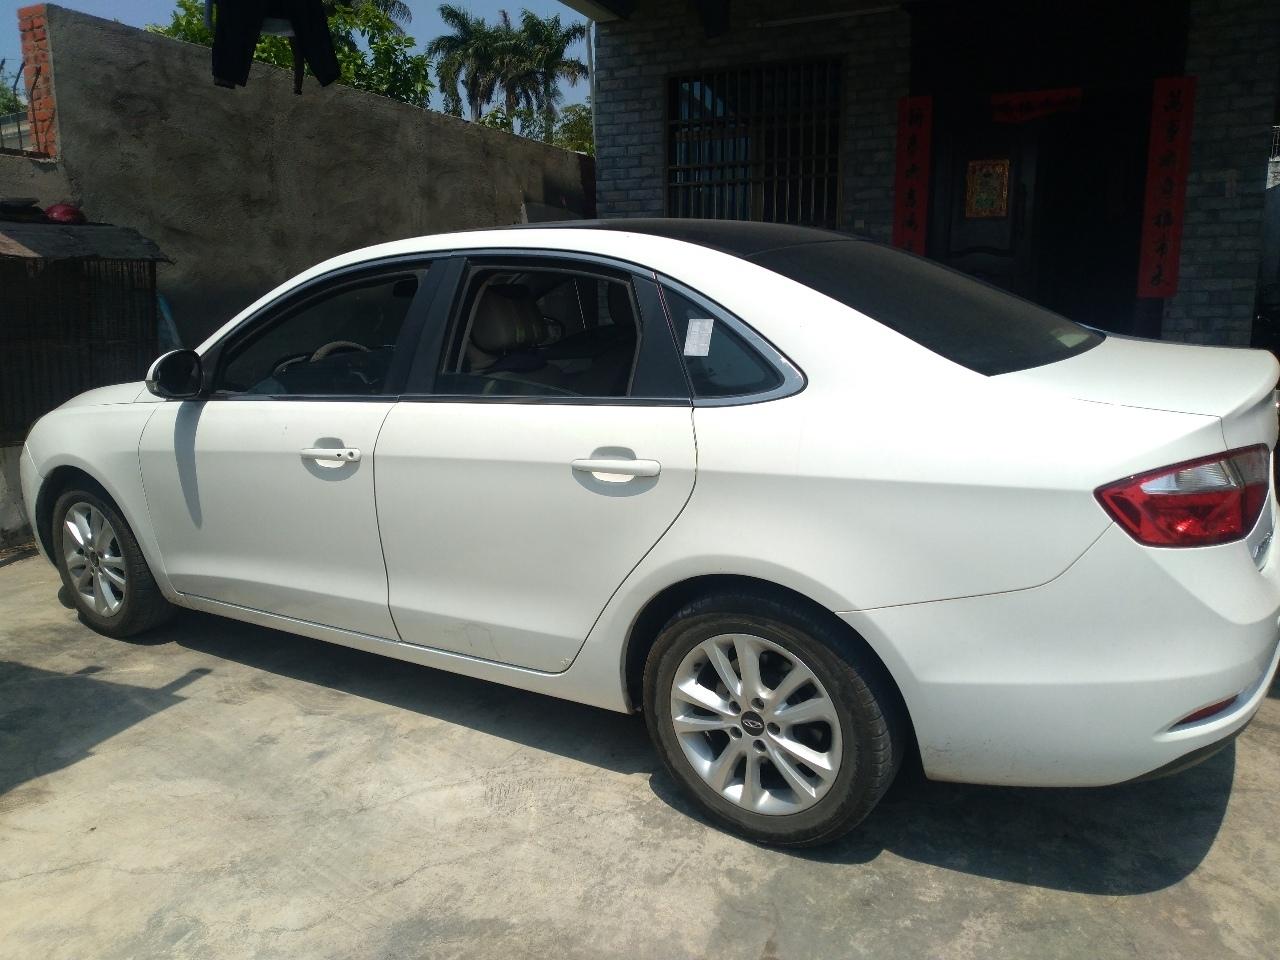 私家車艾瑞澤7便宜出售